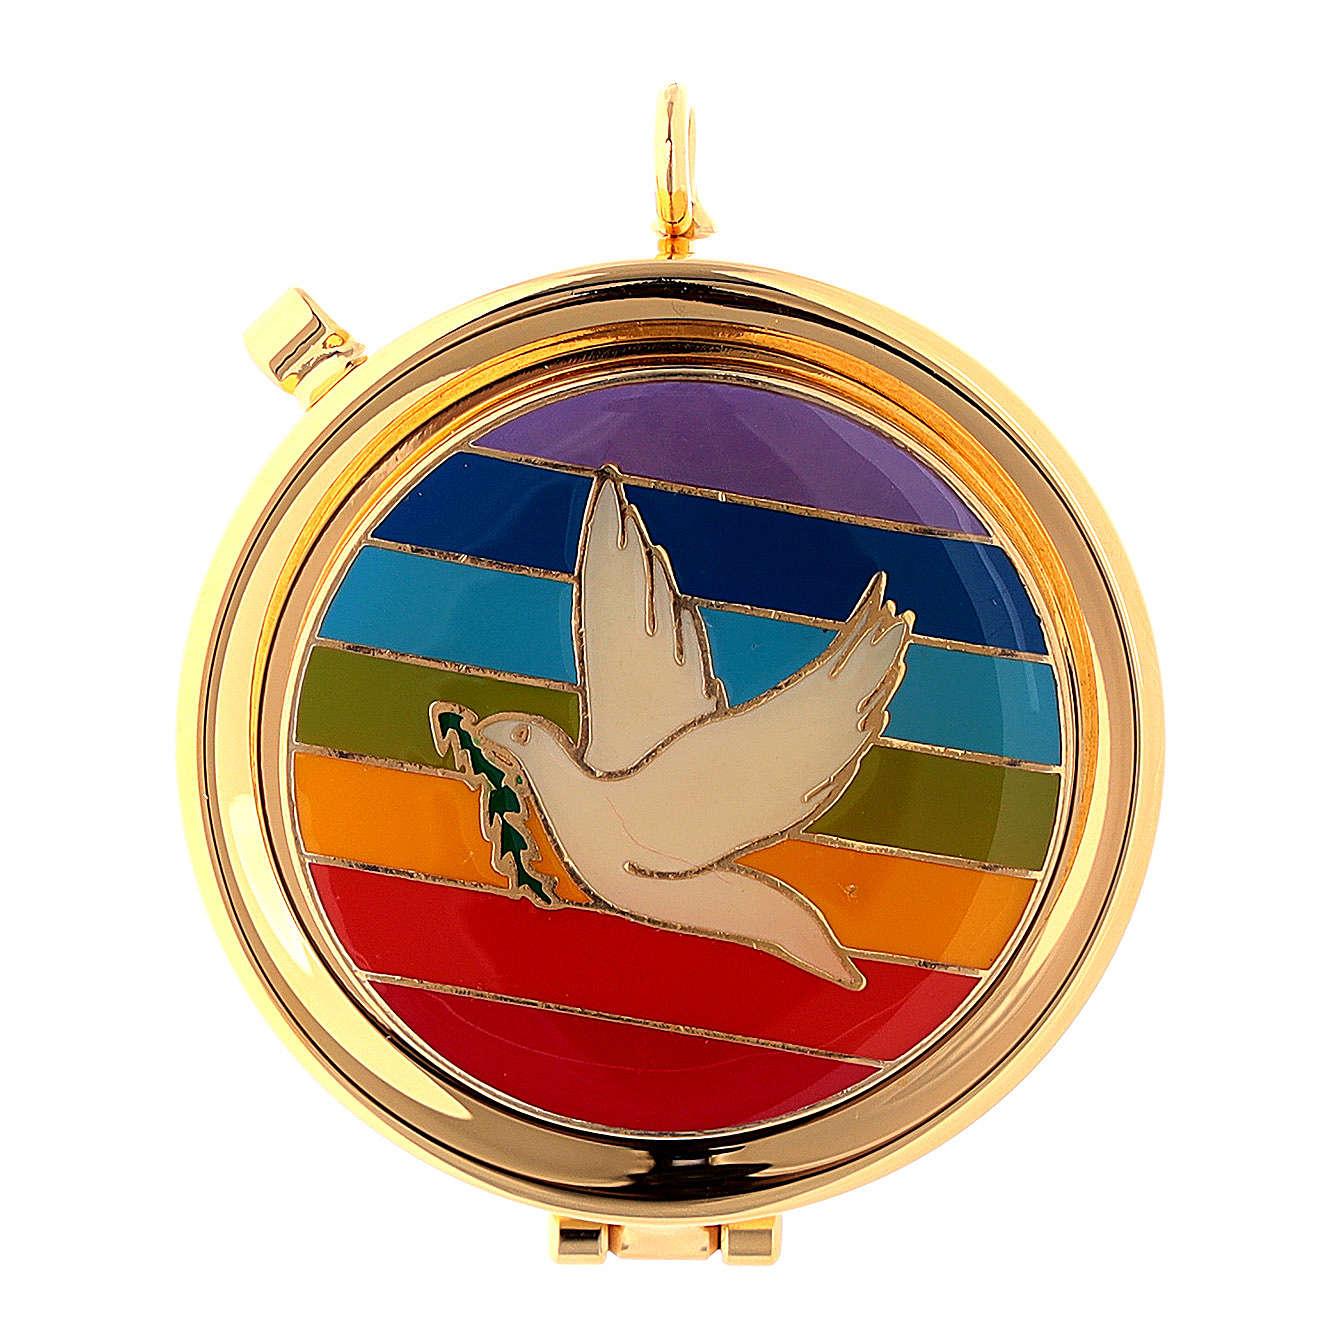 Teca Eucaristica colomba su placca smaltata arcobaleno 3